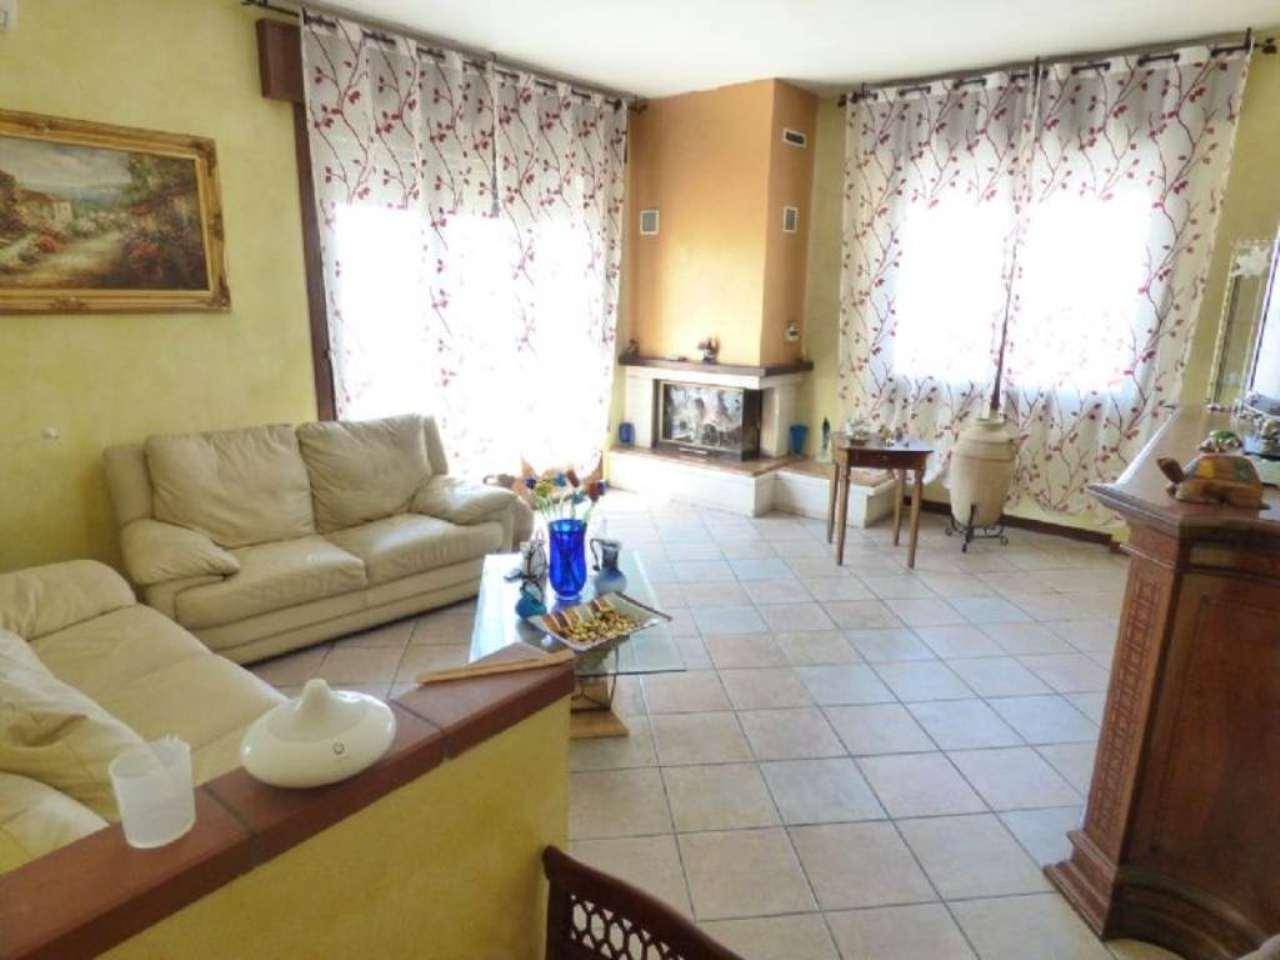 Soluzione Indipendente in vendita a Rubano, 5 locali, prezzo € 320.000 | Cambio Casa.it